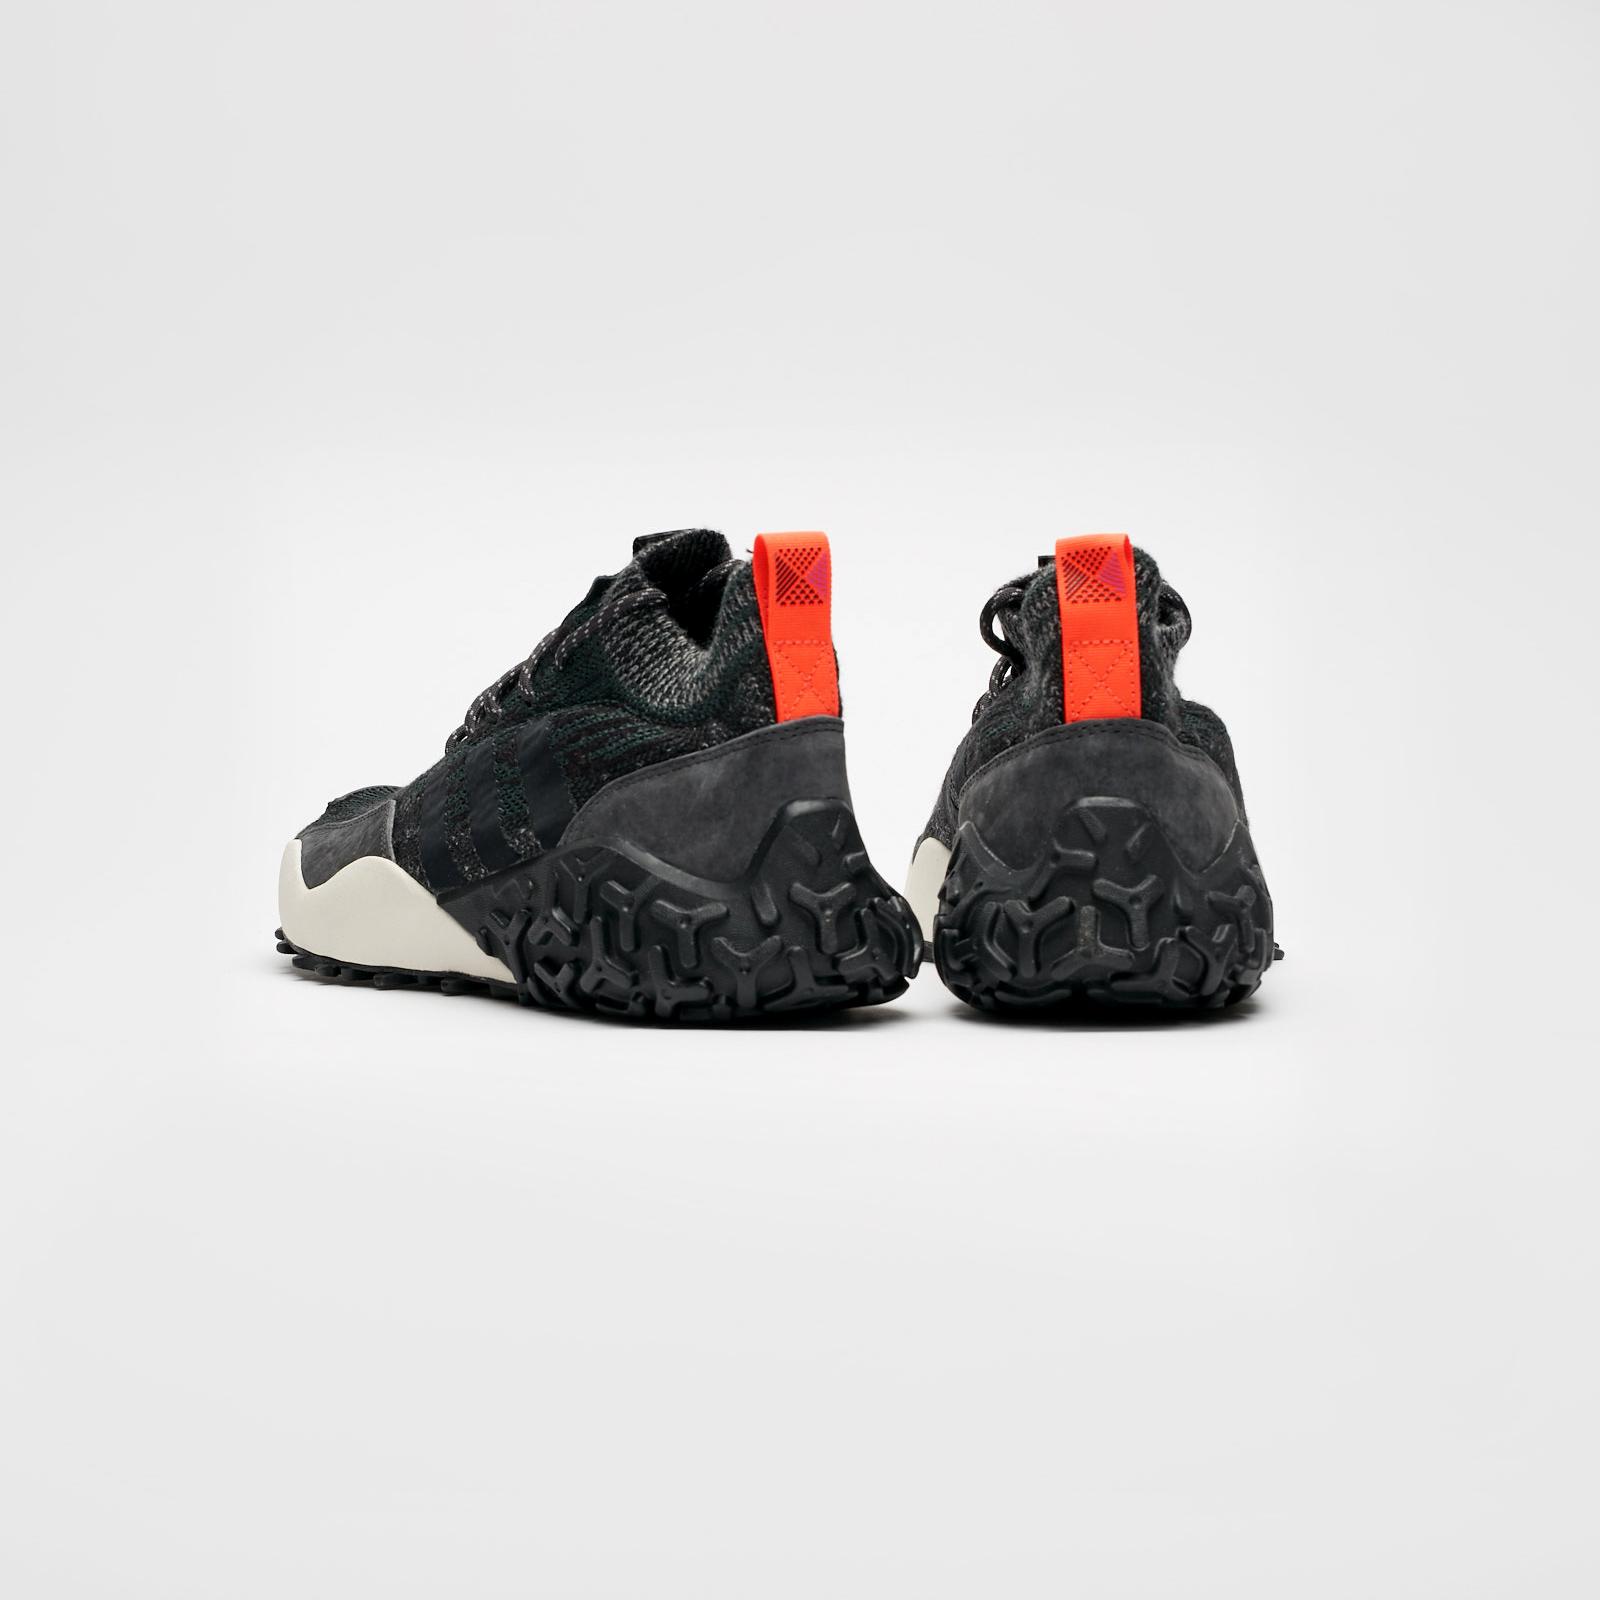 sale retailer 7f217 54d7d adidas F 2 TR PK - Aq1109 - Sneakersnstuff   sneakers   streetwear online  since 1999